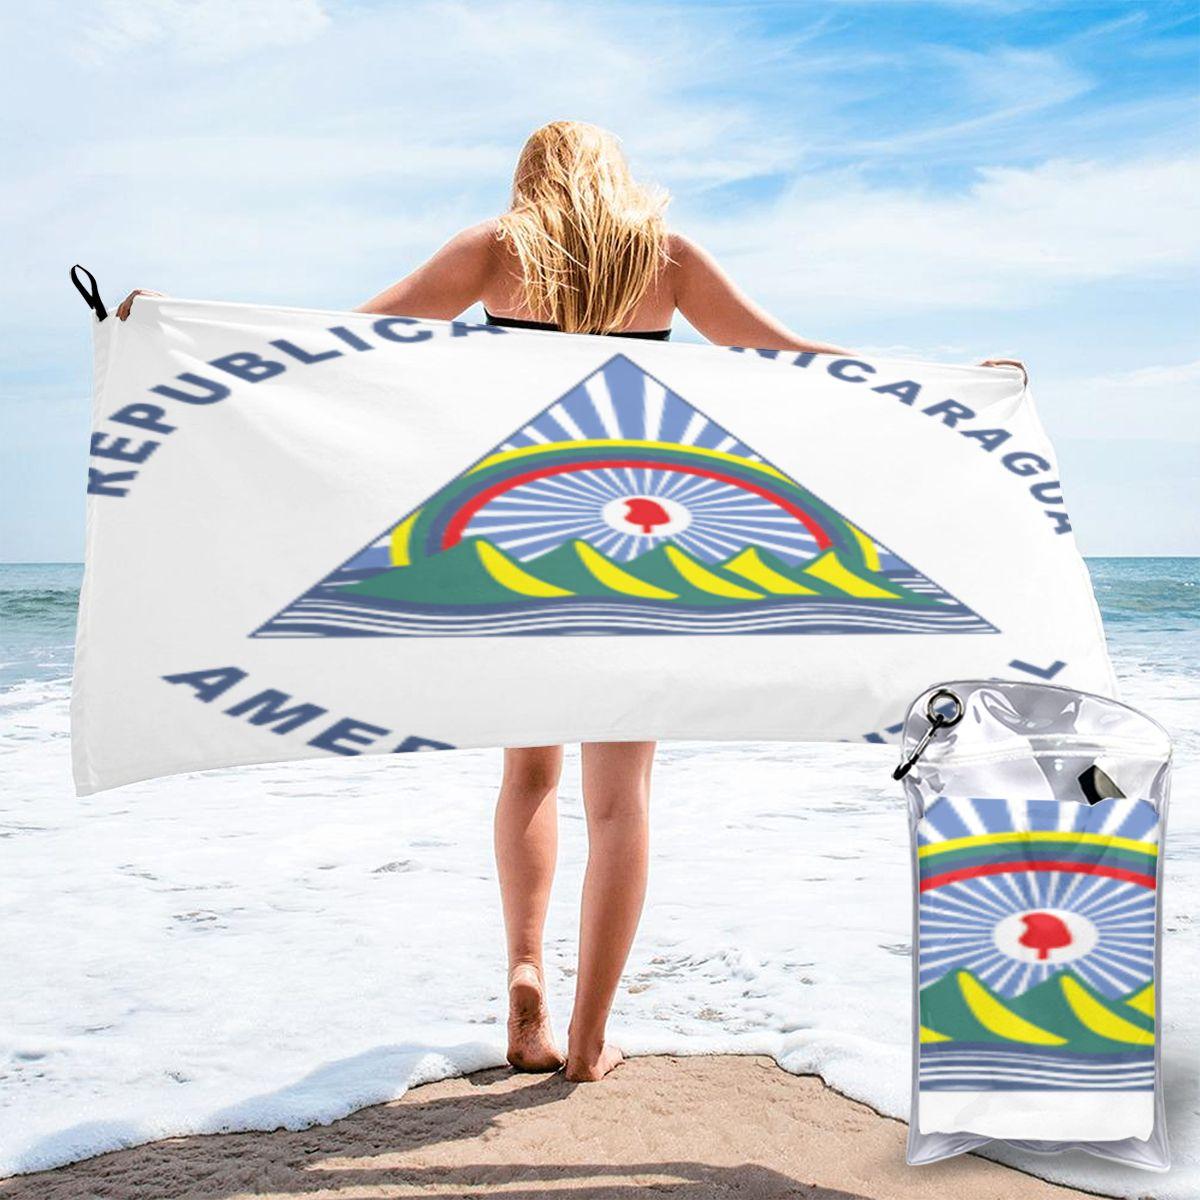 Toalha de Praia Toalhas de Banho Nicarágua Grande Piscina Mulher Gigante 1418